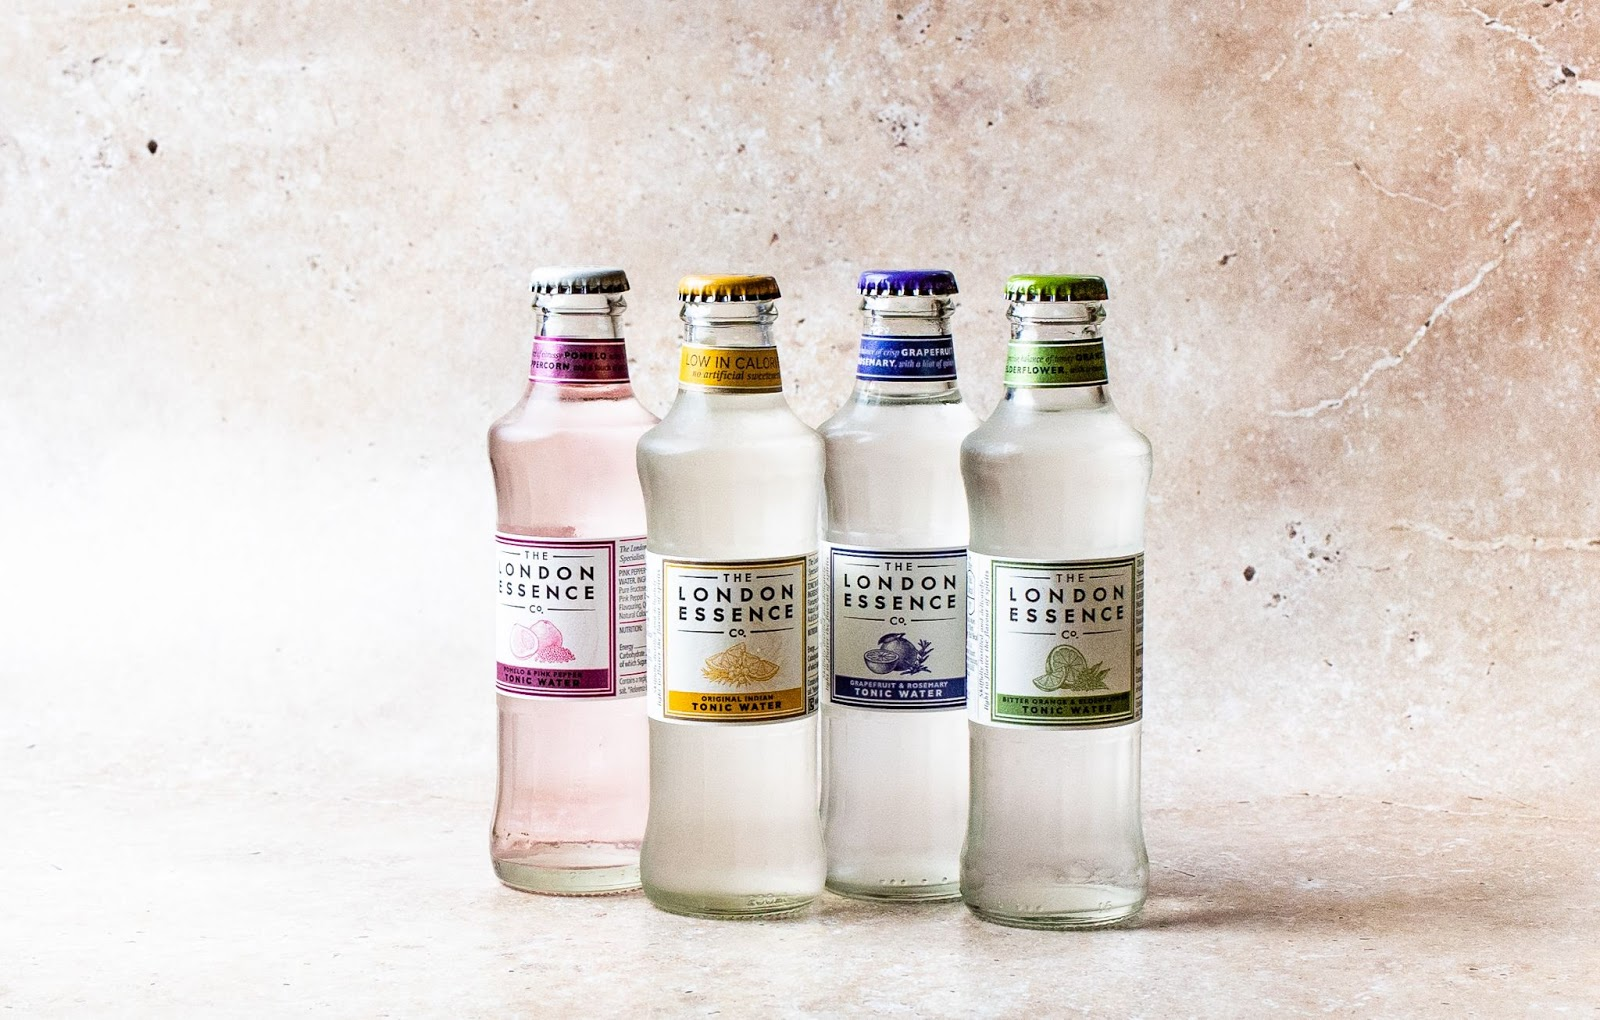 Bottles of tonic water